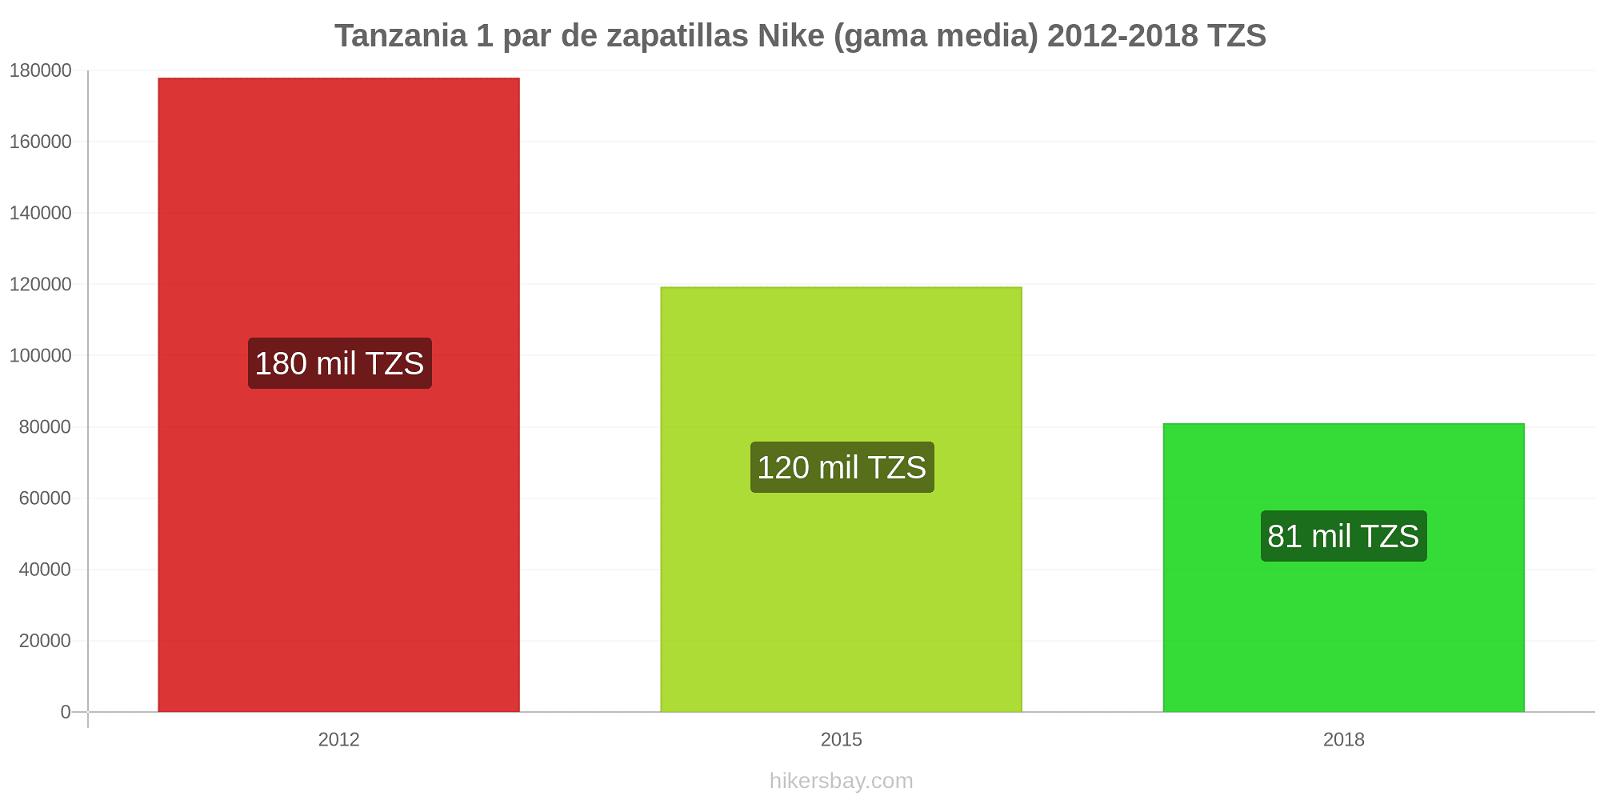 Tanzania cambios de precios 1 par de zapatillas Nike (gama media) hikersbay.com